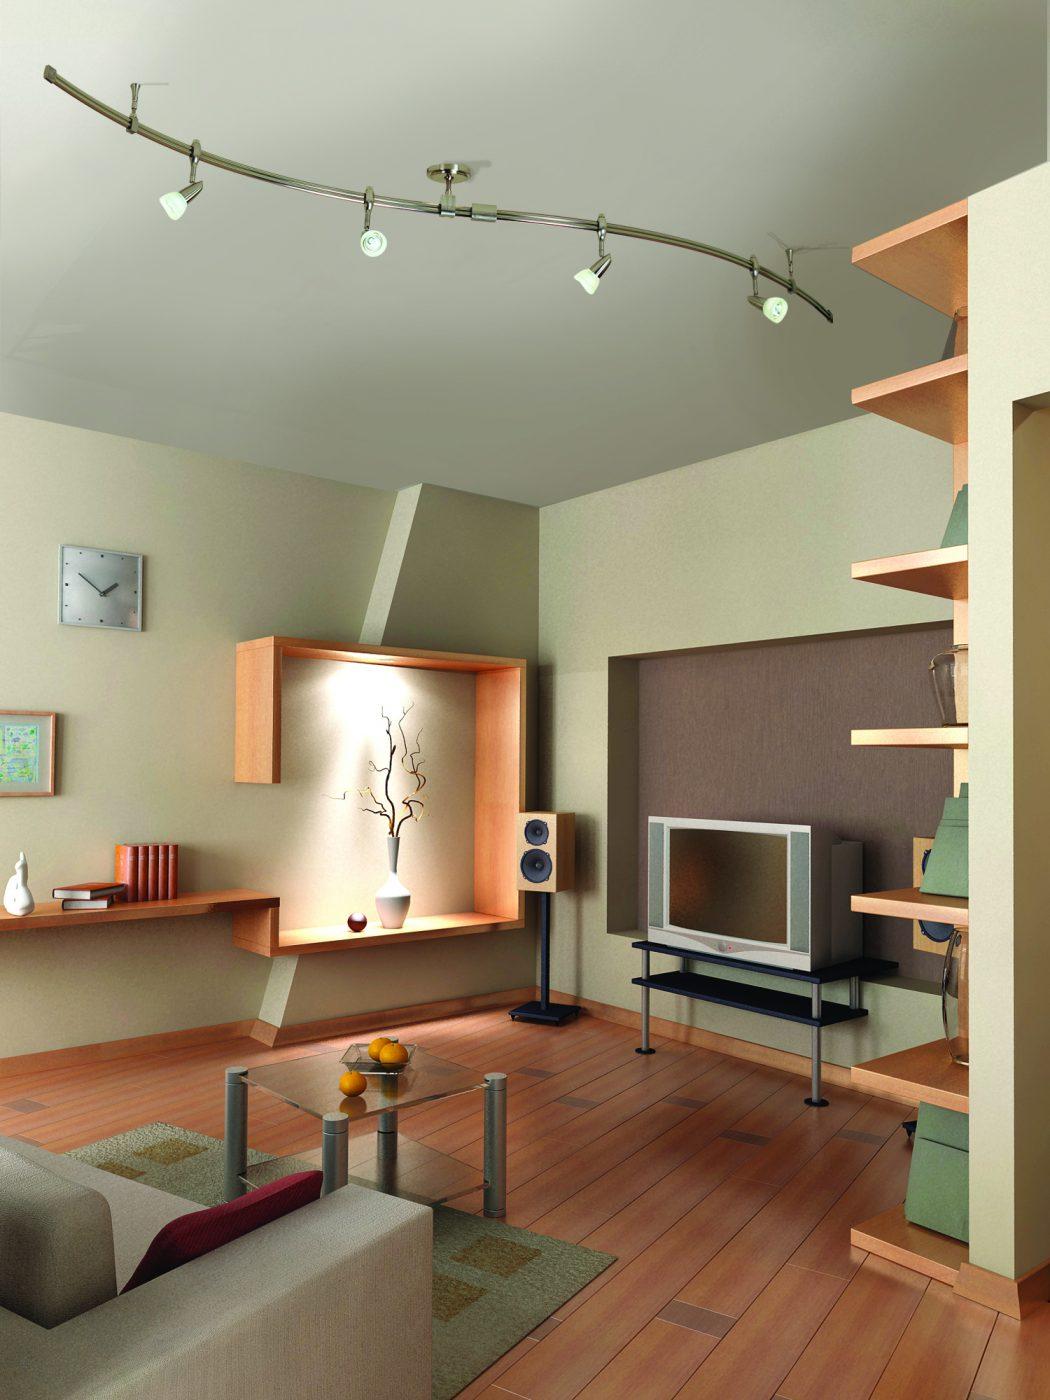 Livingroom-w_Mirage_Rail_Kit Creative 10 Ideas for Residential Lighting